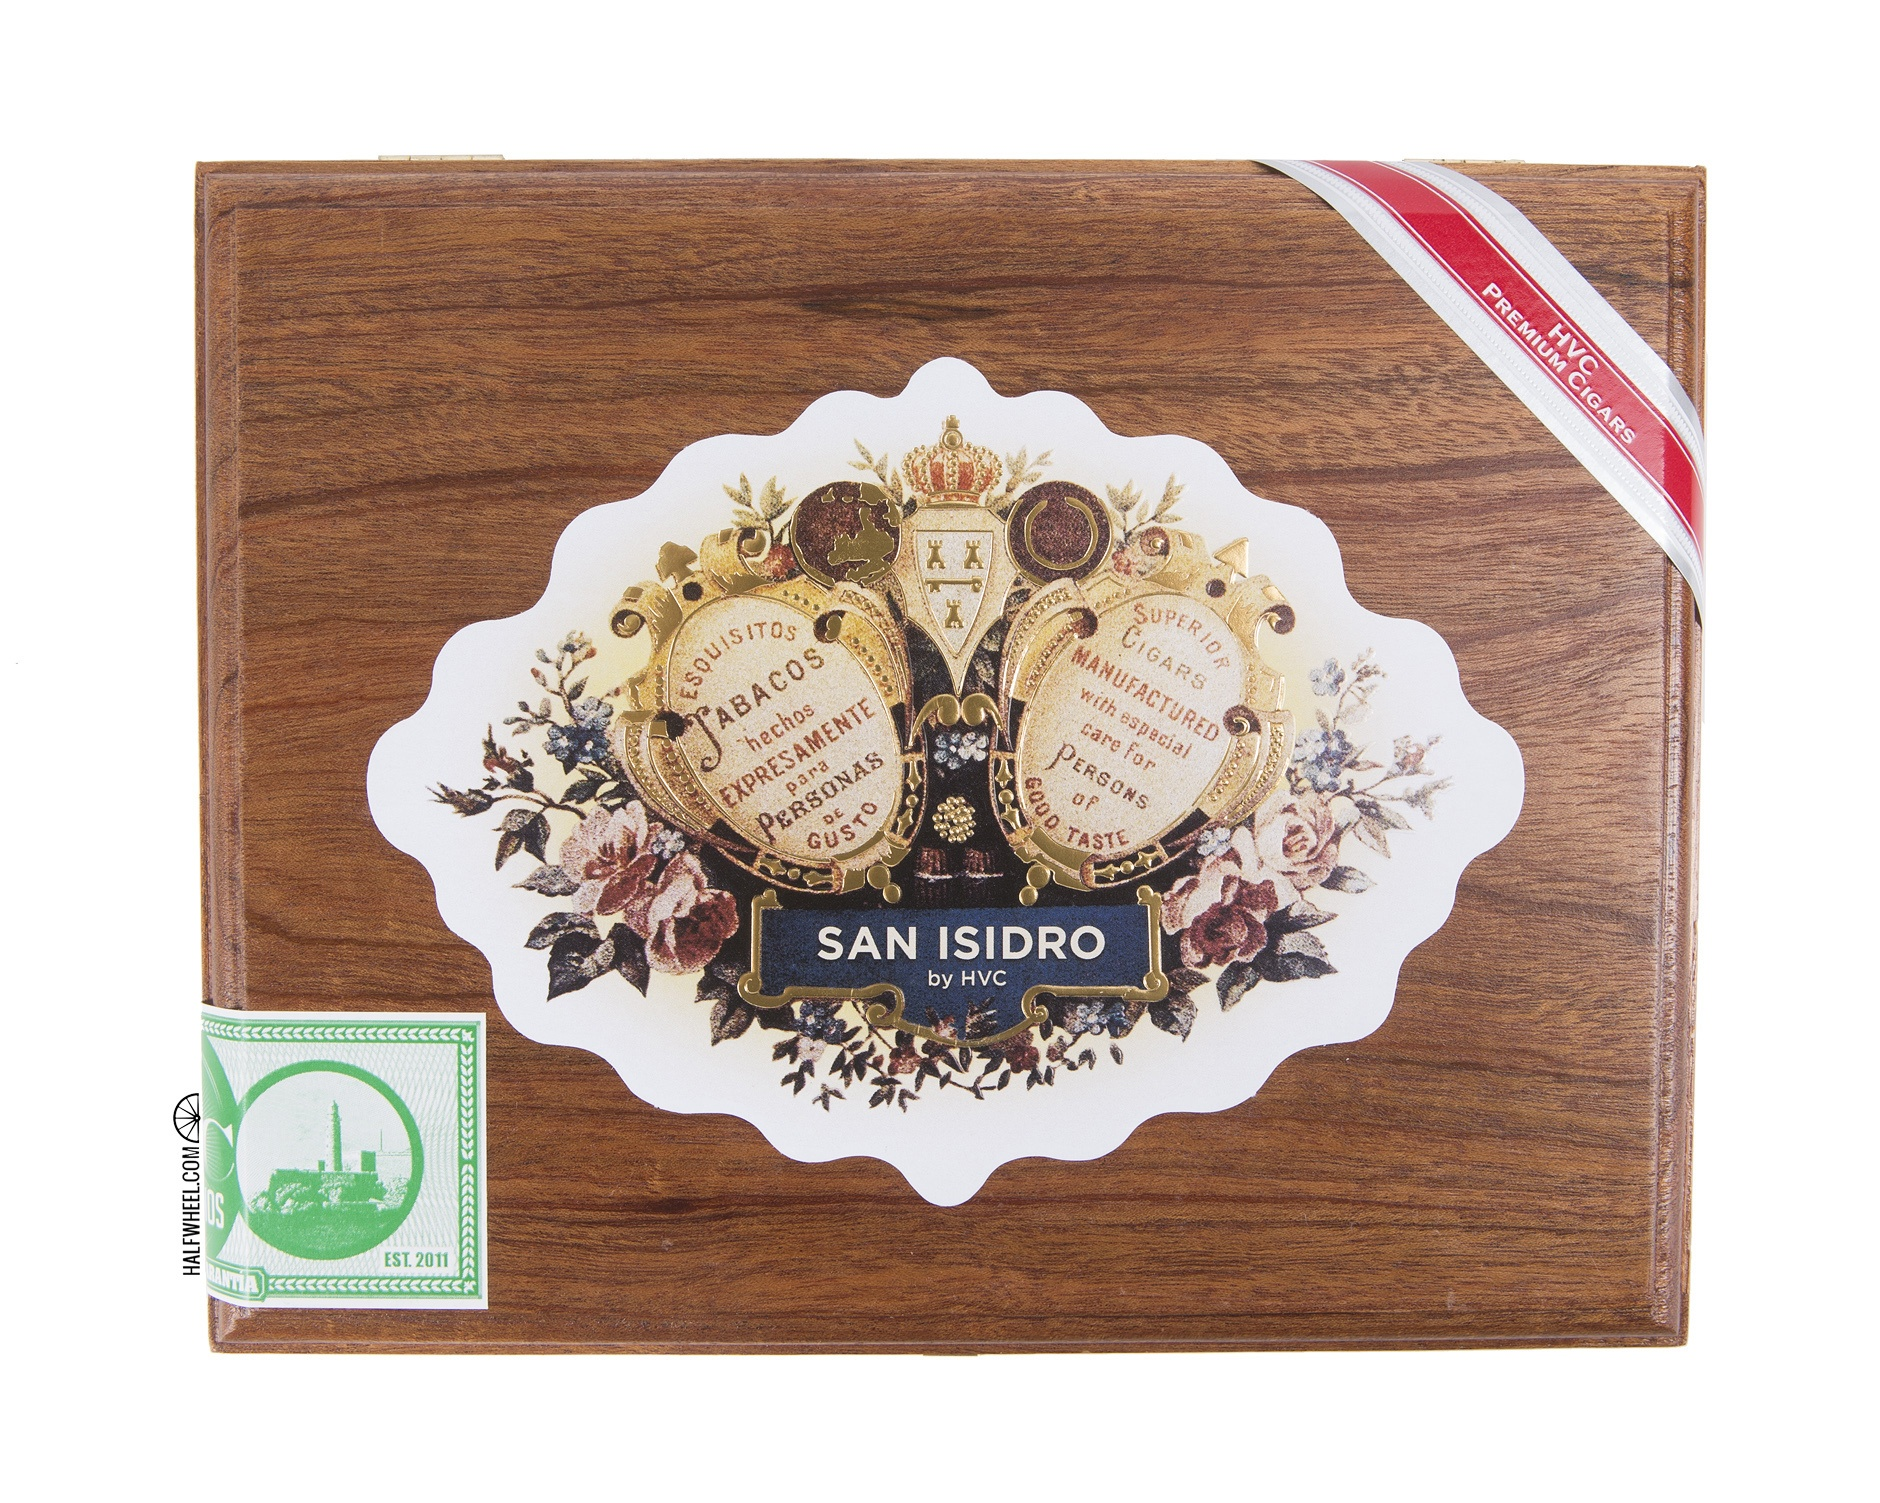 san-isidro-box-1